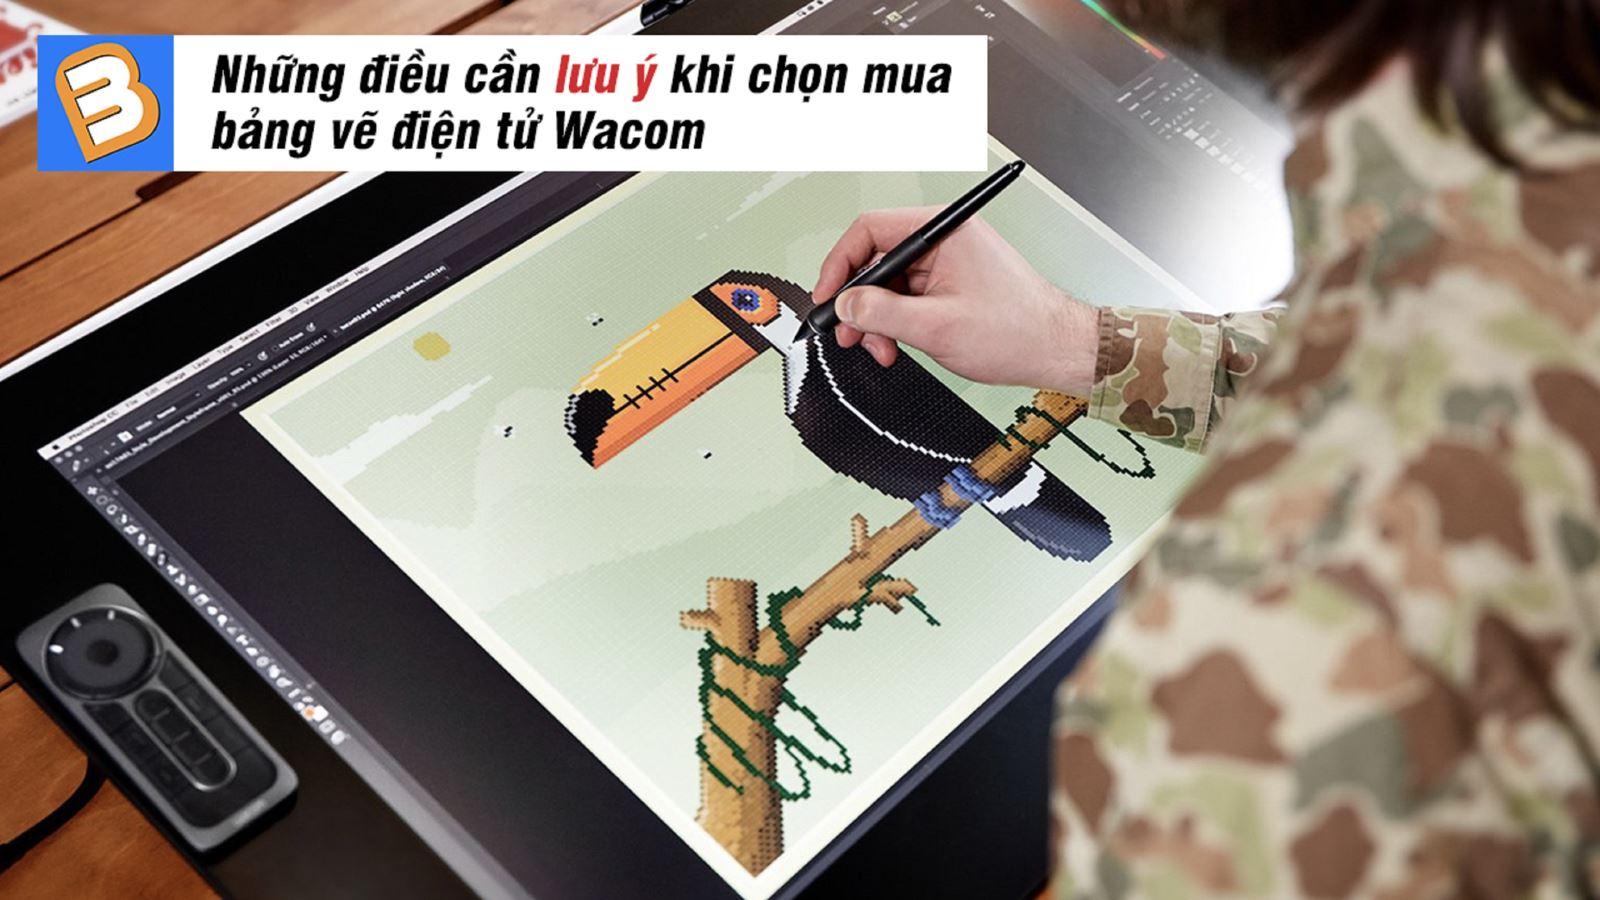 Những điều cần lưu ý khi chọn mua bảng vẽ điện tử Wacom